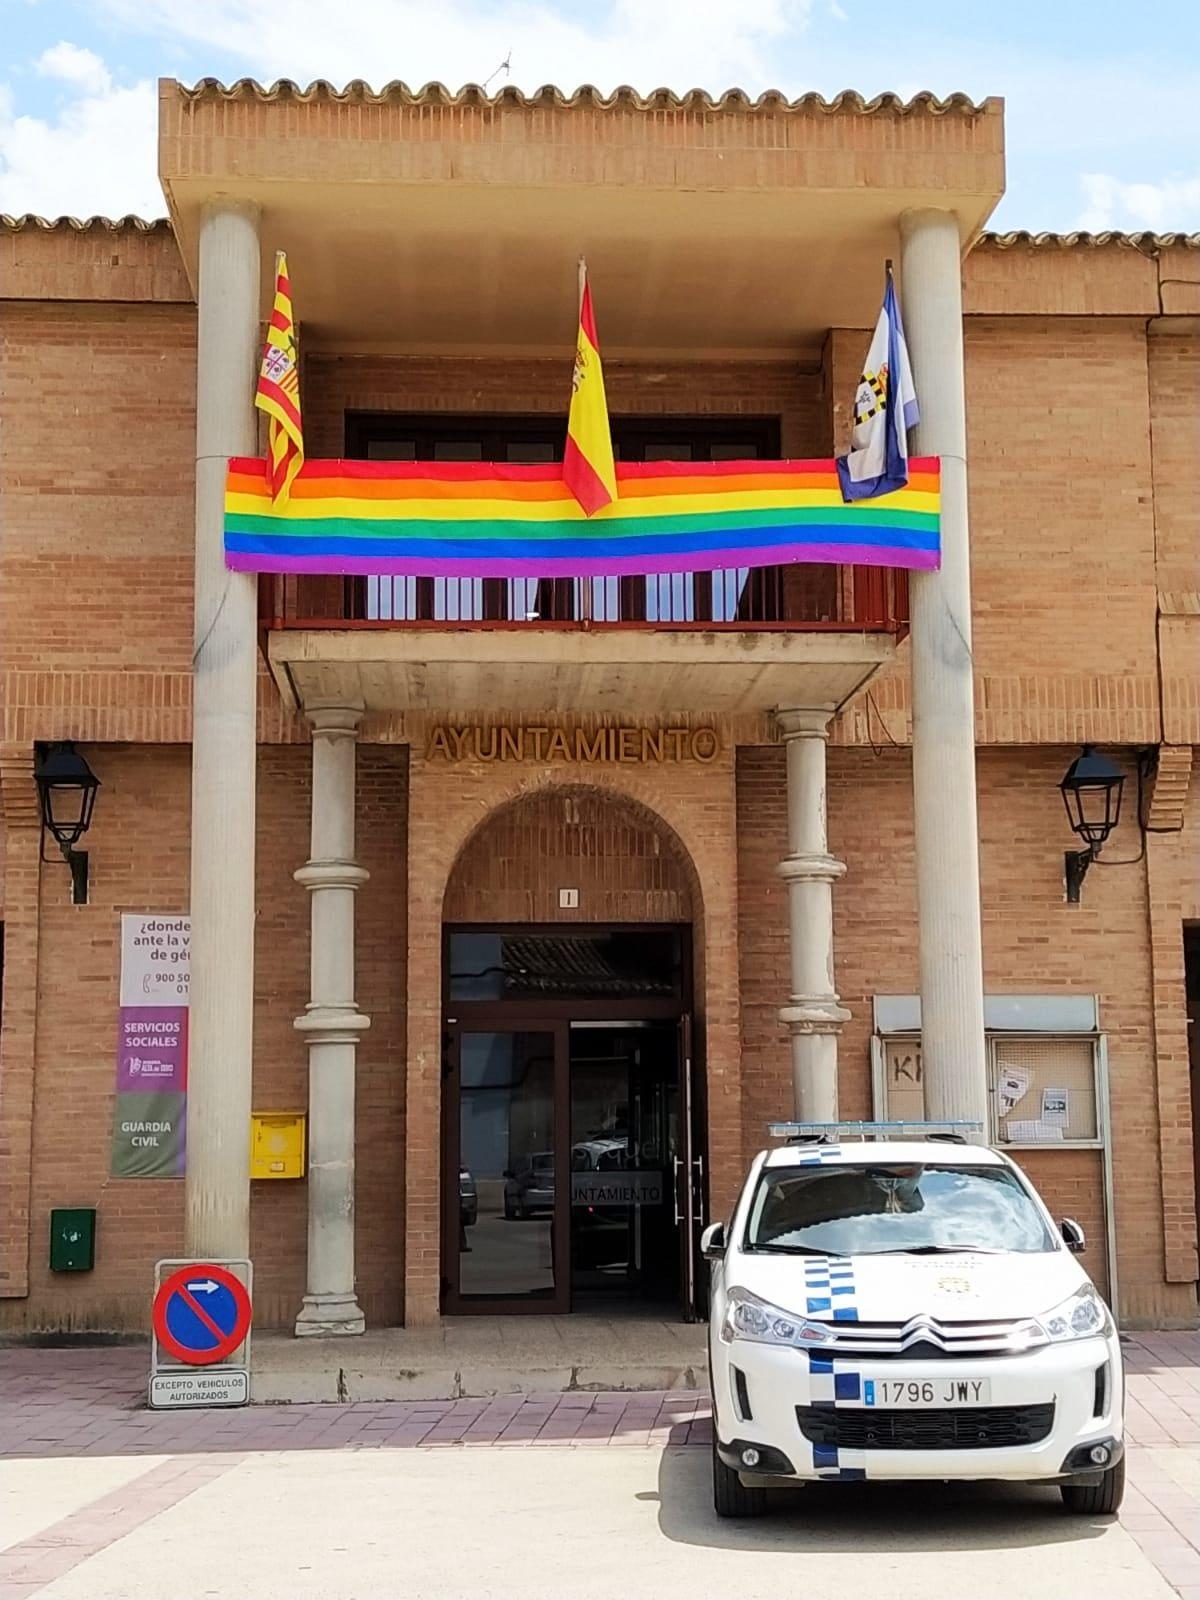 Ayuntamiento de Pinseque